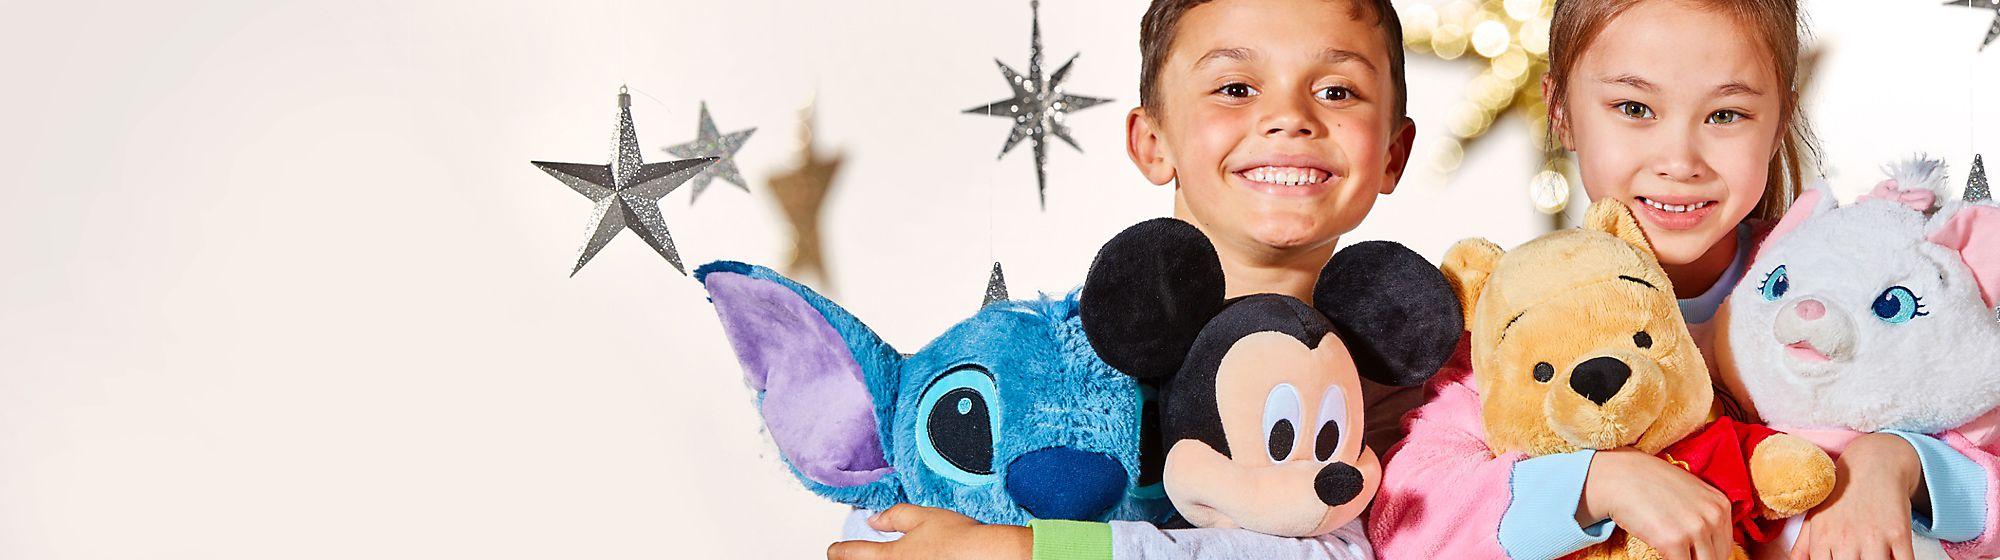 Dipartimenti Da Disney Baby ai collezionabili esclusivi, passando per l'intrattenimento e gli accessori da party. Entra e cerca ciò che vuoi.